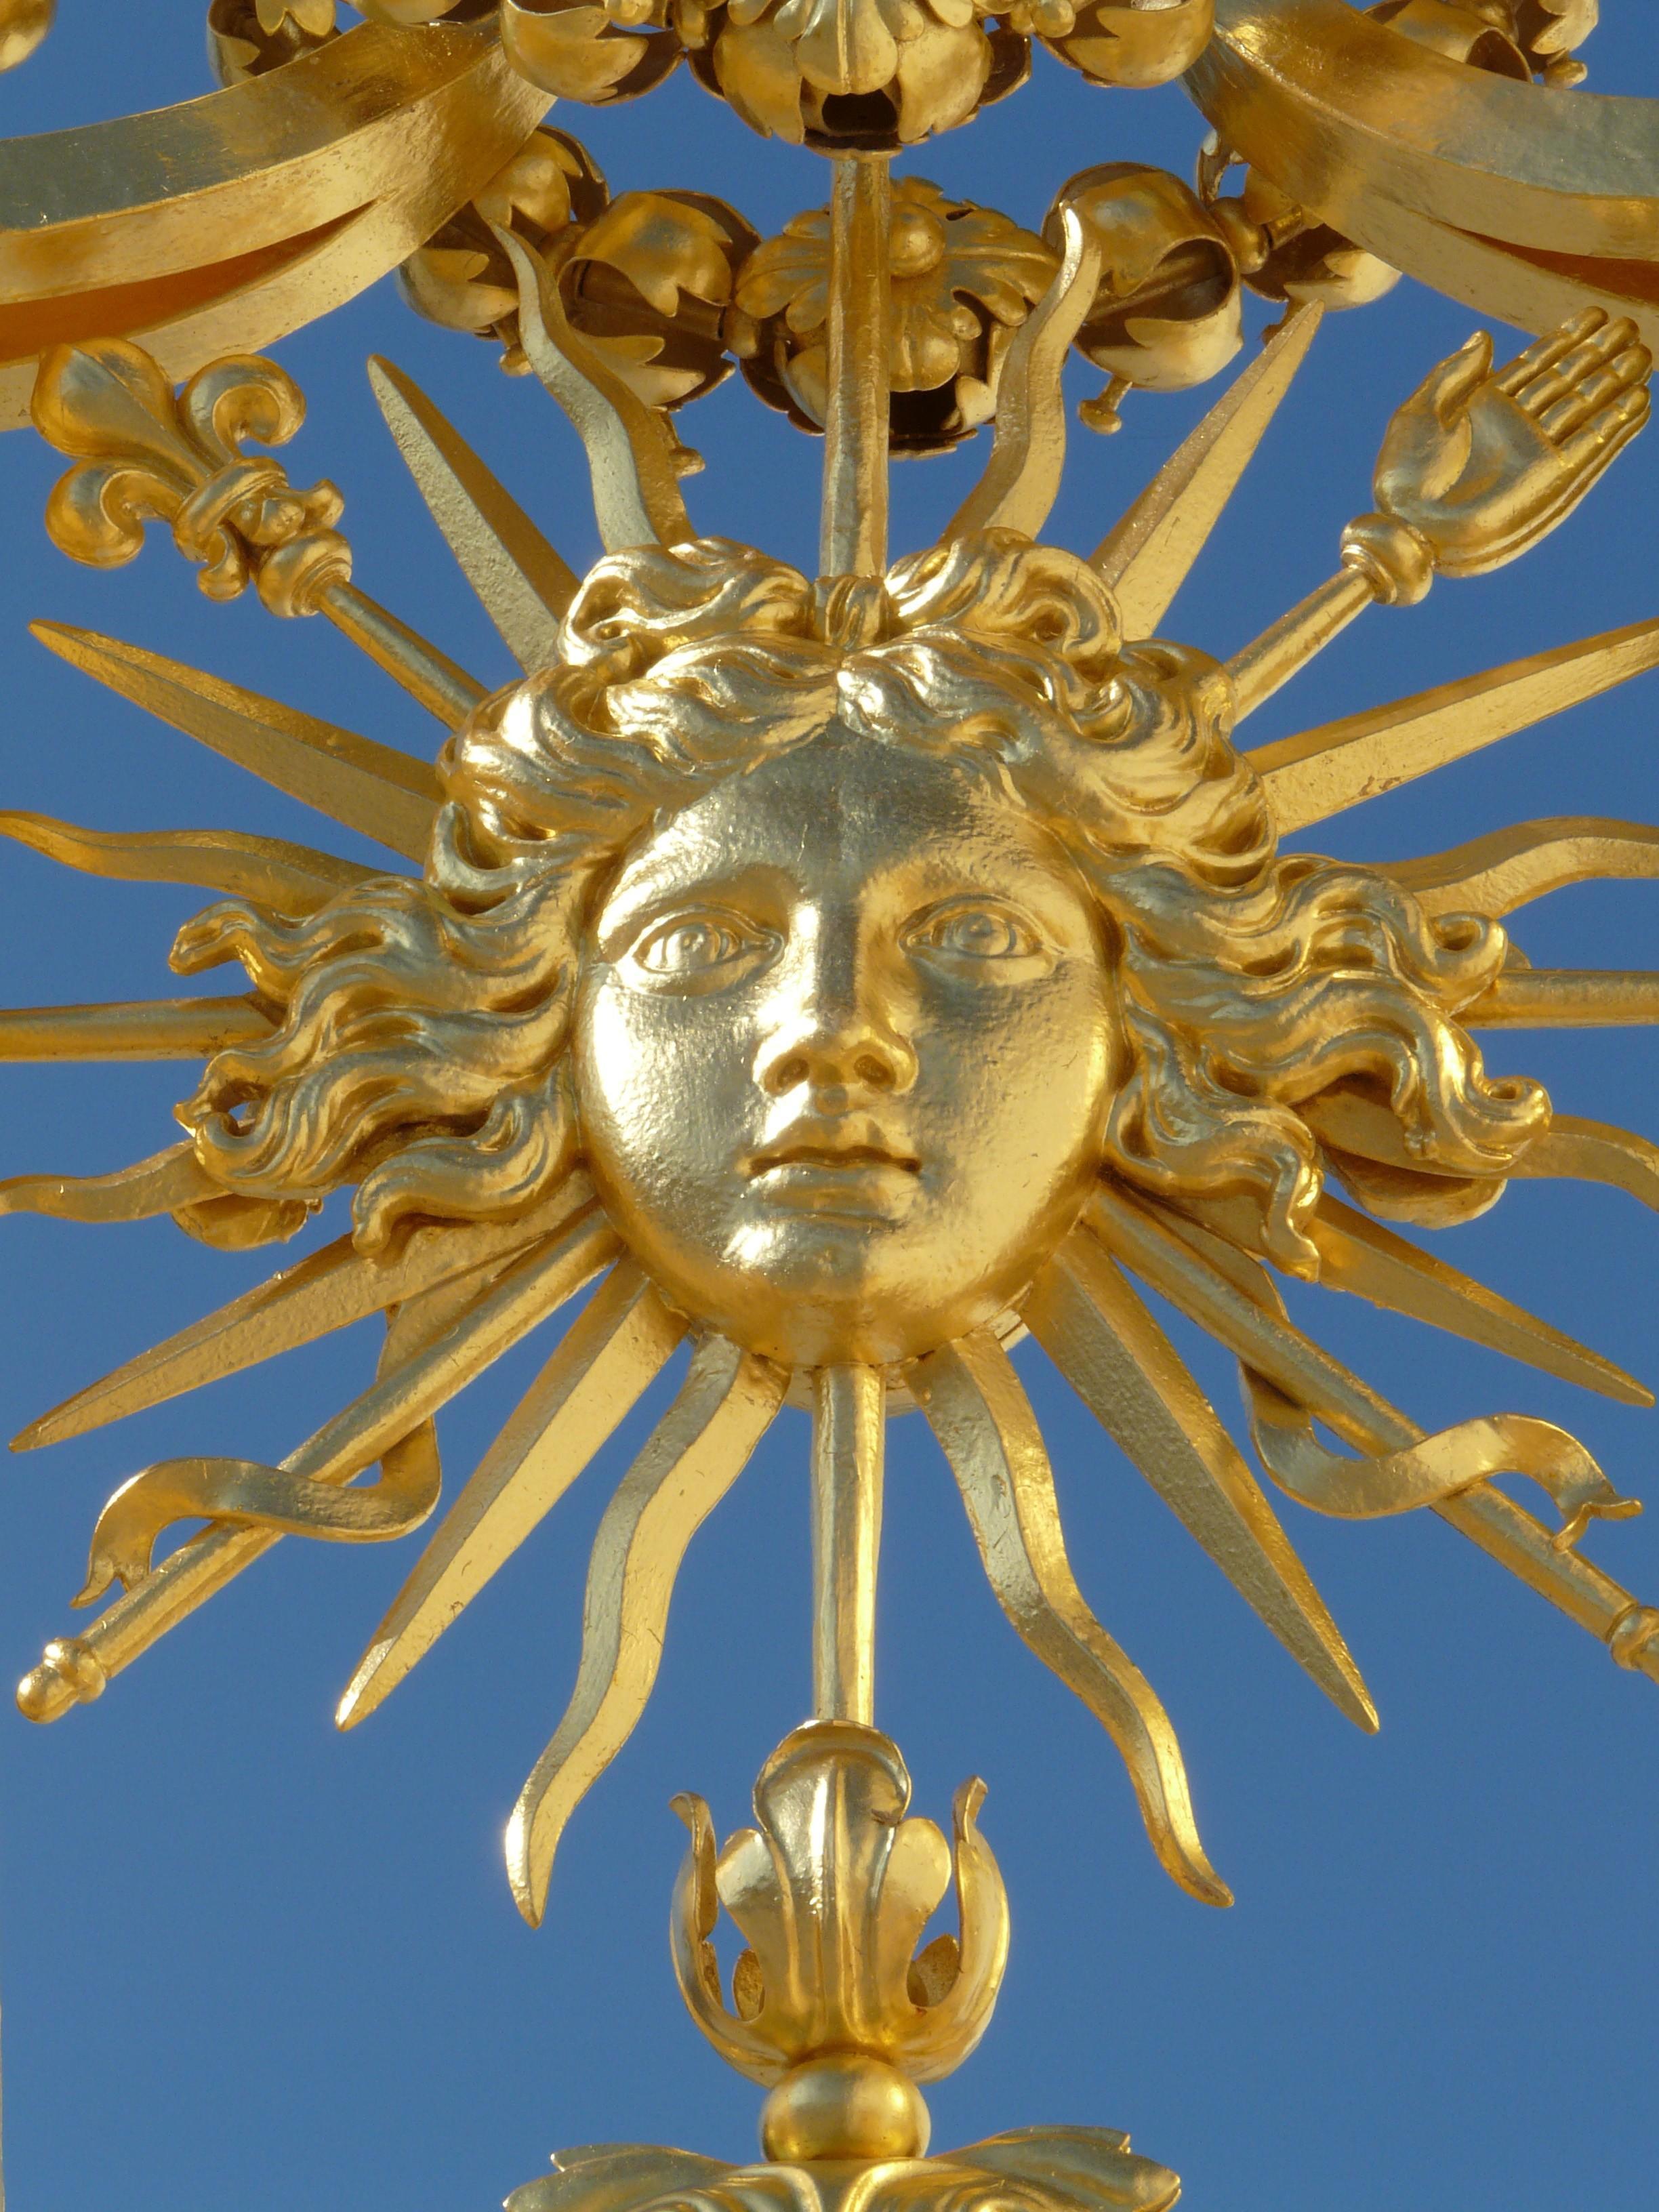 Le roi soleil panoramio